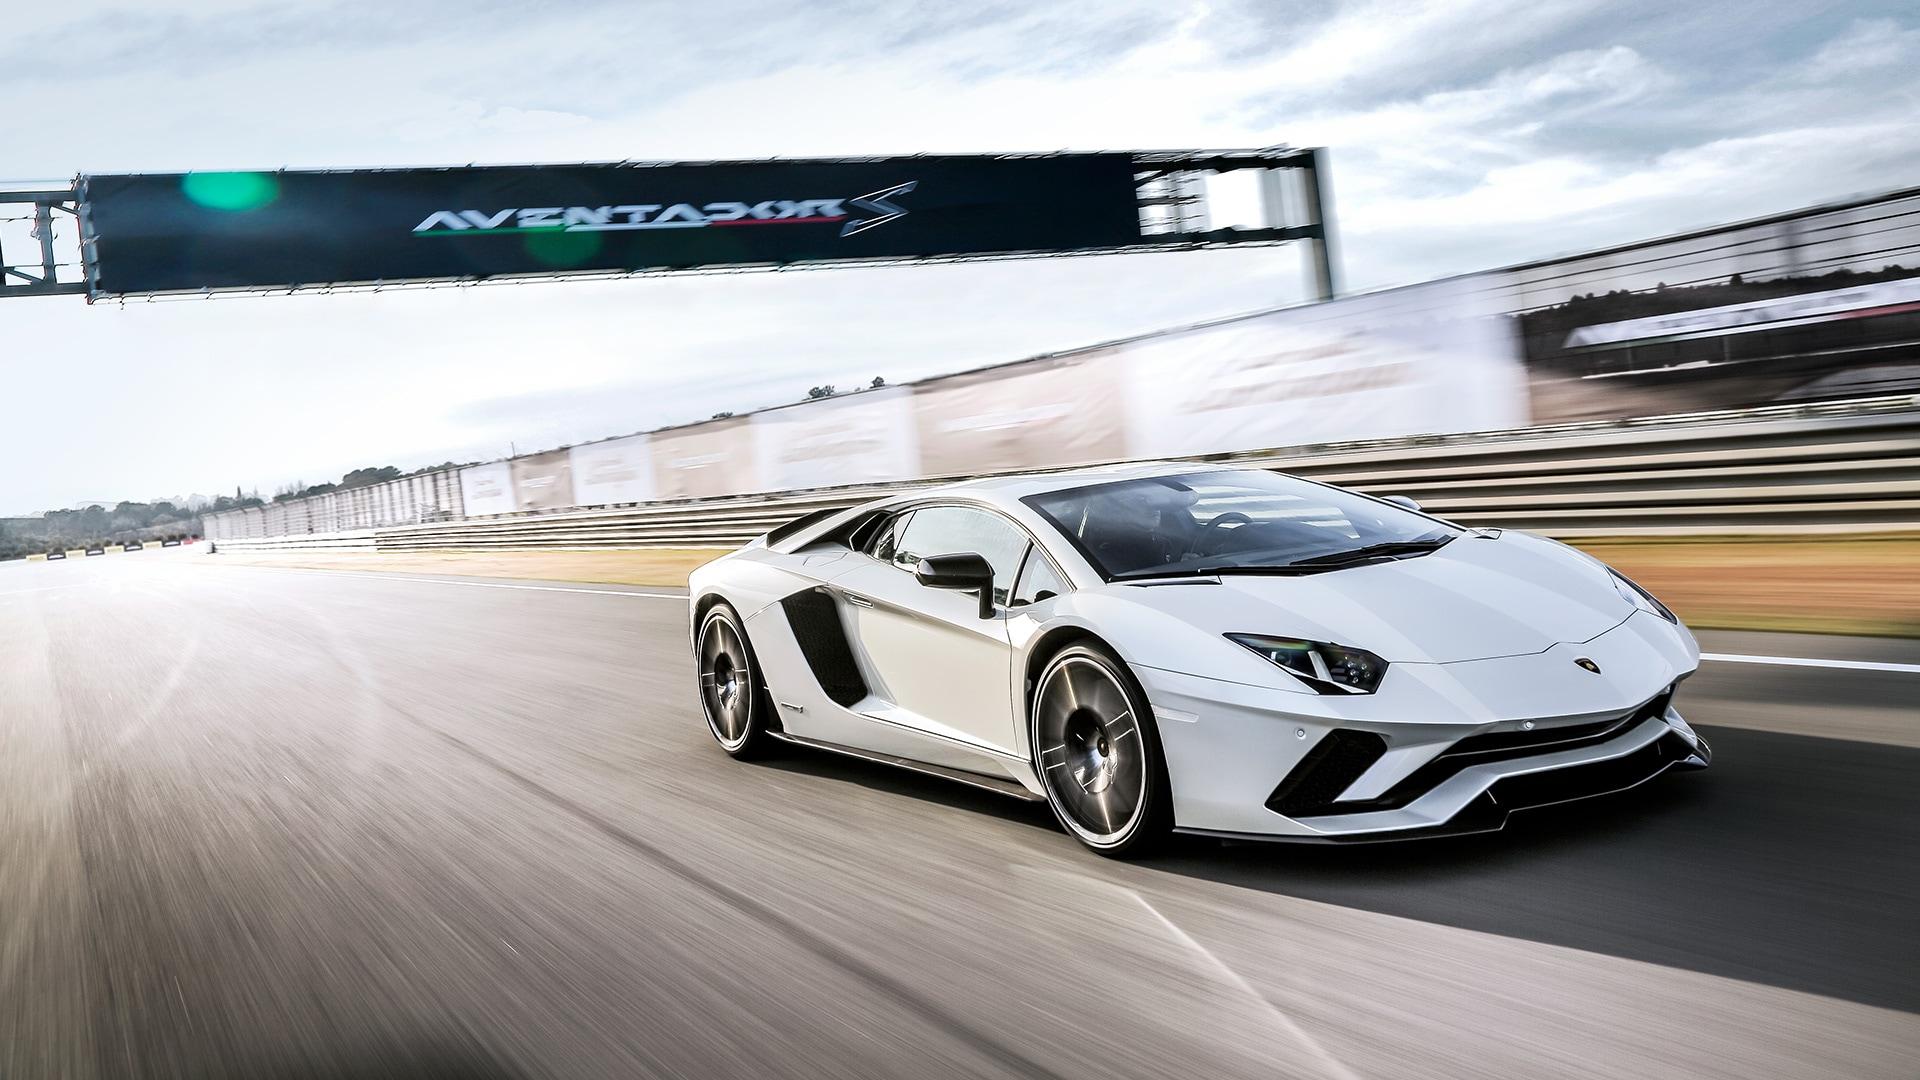 Lamborghini Aventador S Fiche Technique Photos Videos